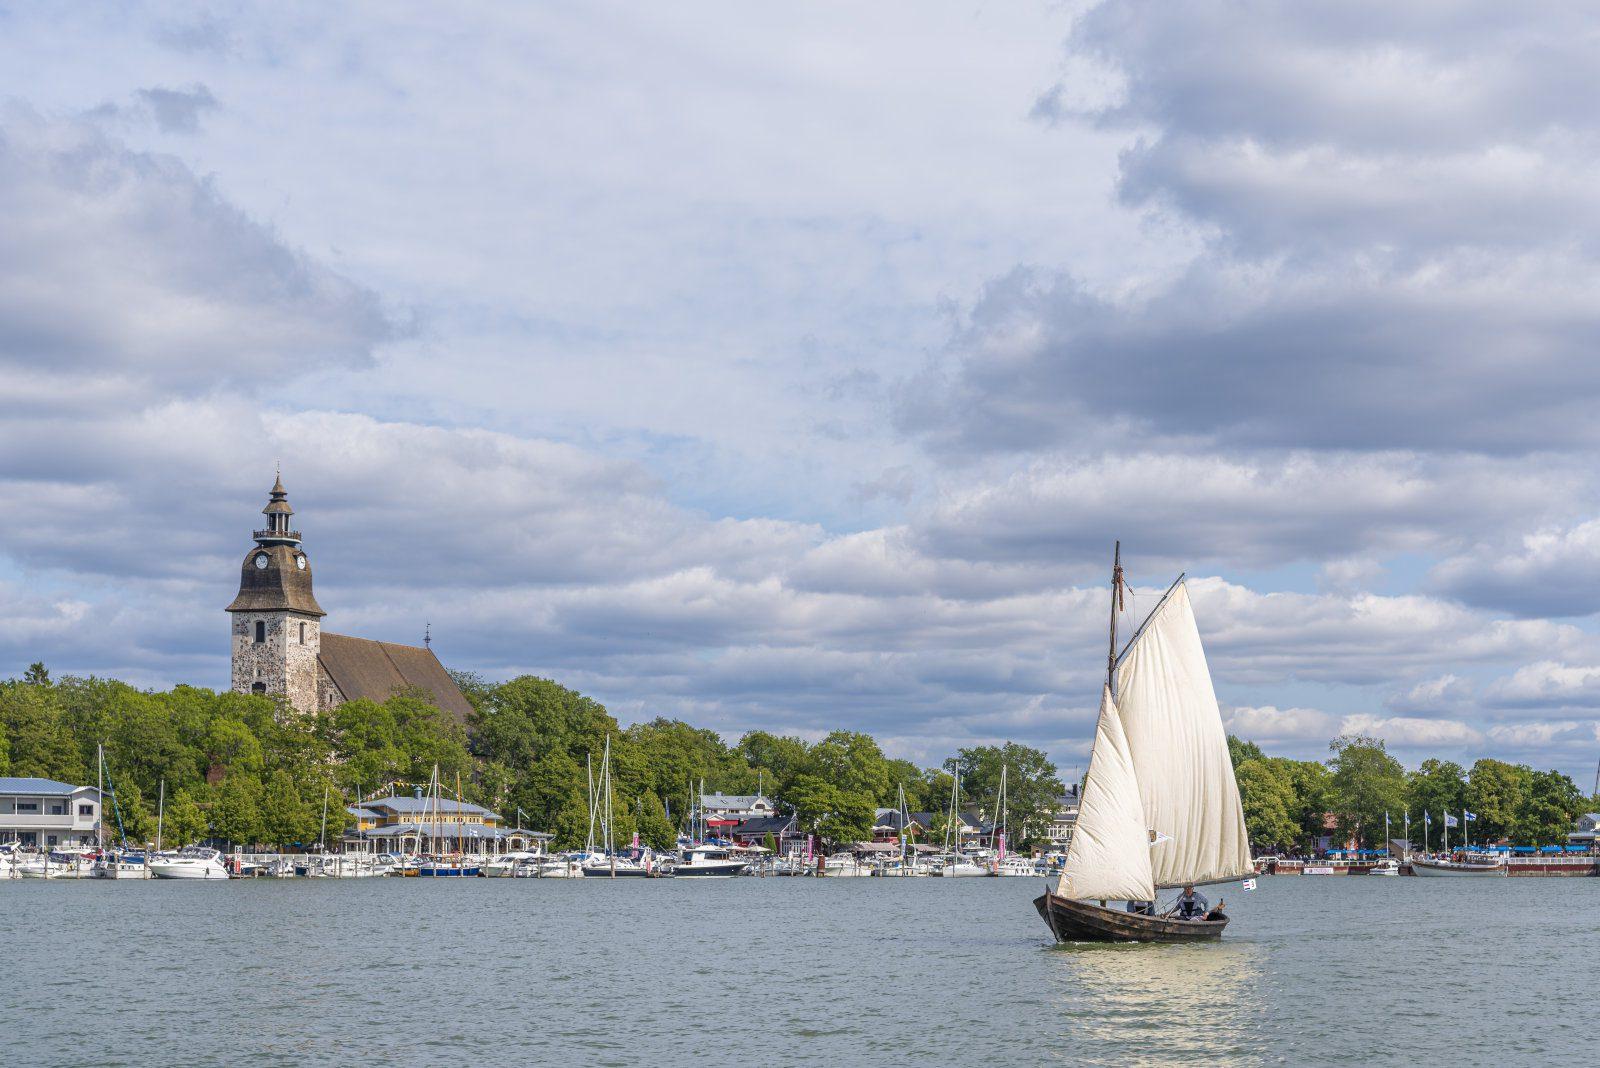 Naantalin kirkko mereltä päin, kuvan edessä perinnepurjelaiva valkoisilla purjeilla. Pilvinen taivas.